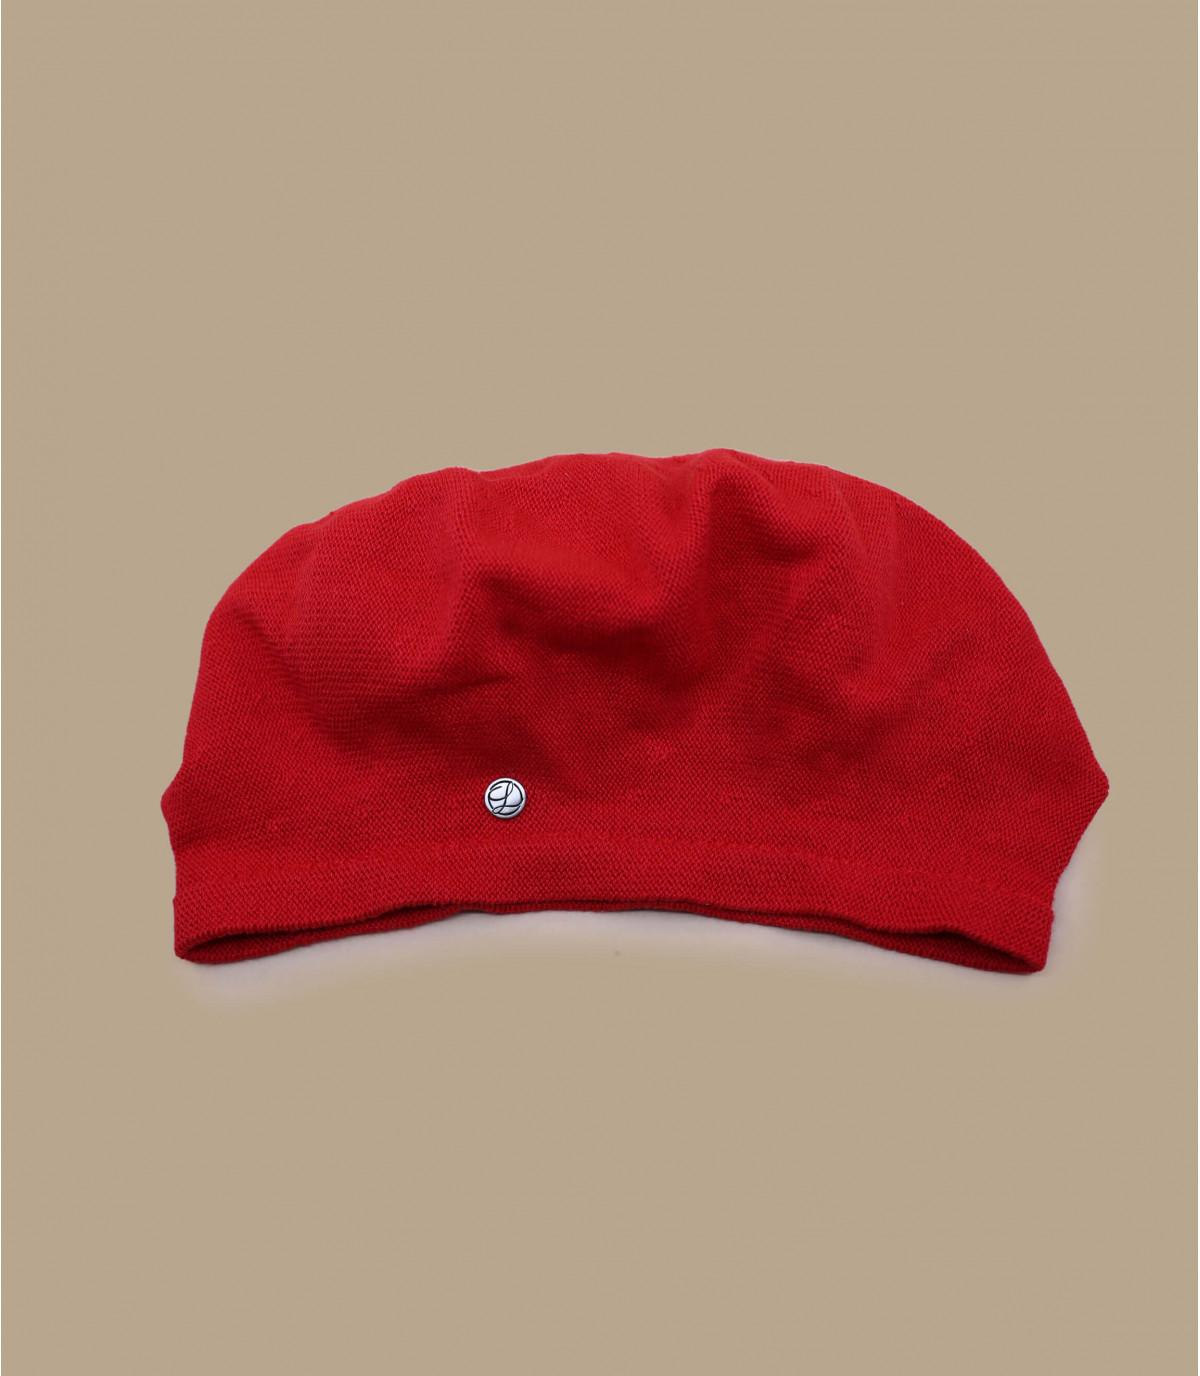 red floppy beret Laulhère